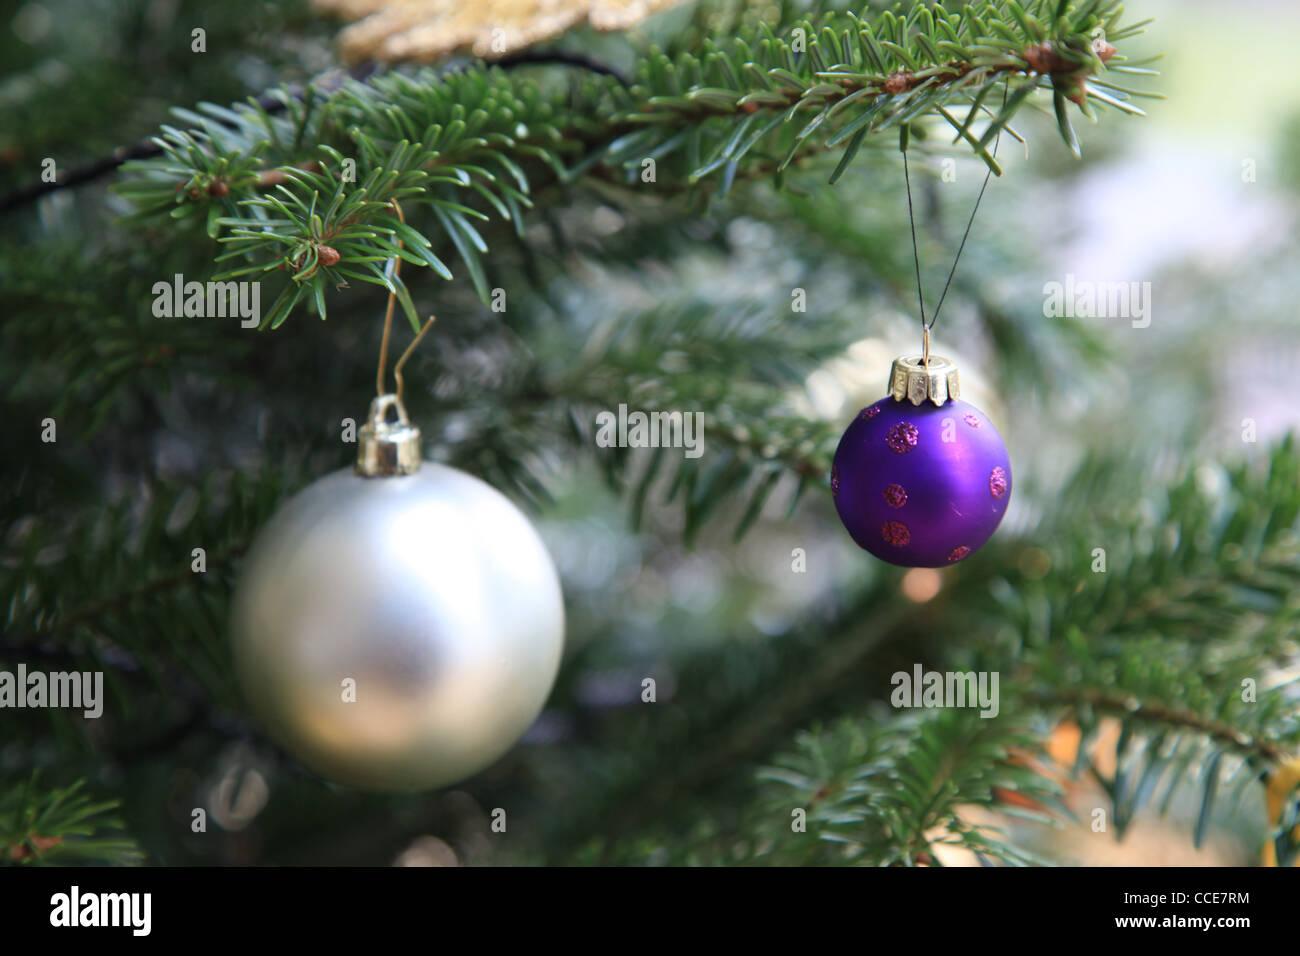 weihnachtsstern stockfotos weihnachtsstern bilder alamy. Black Bedroom Furniture Sets. Home Design Ideas